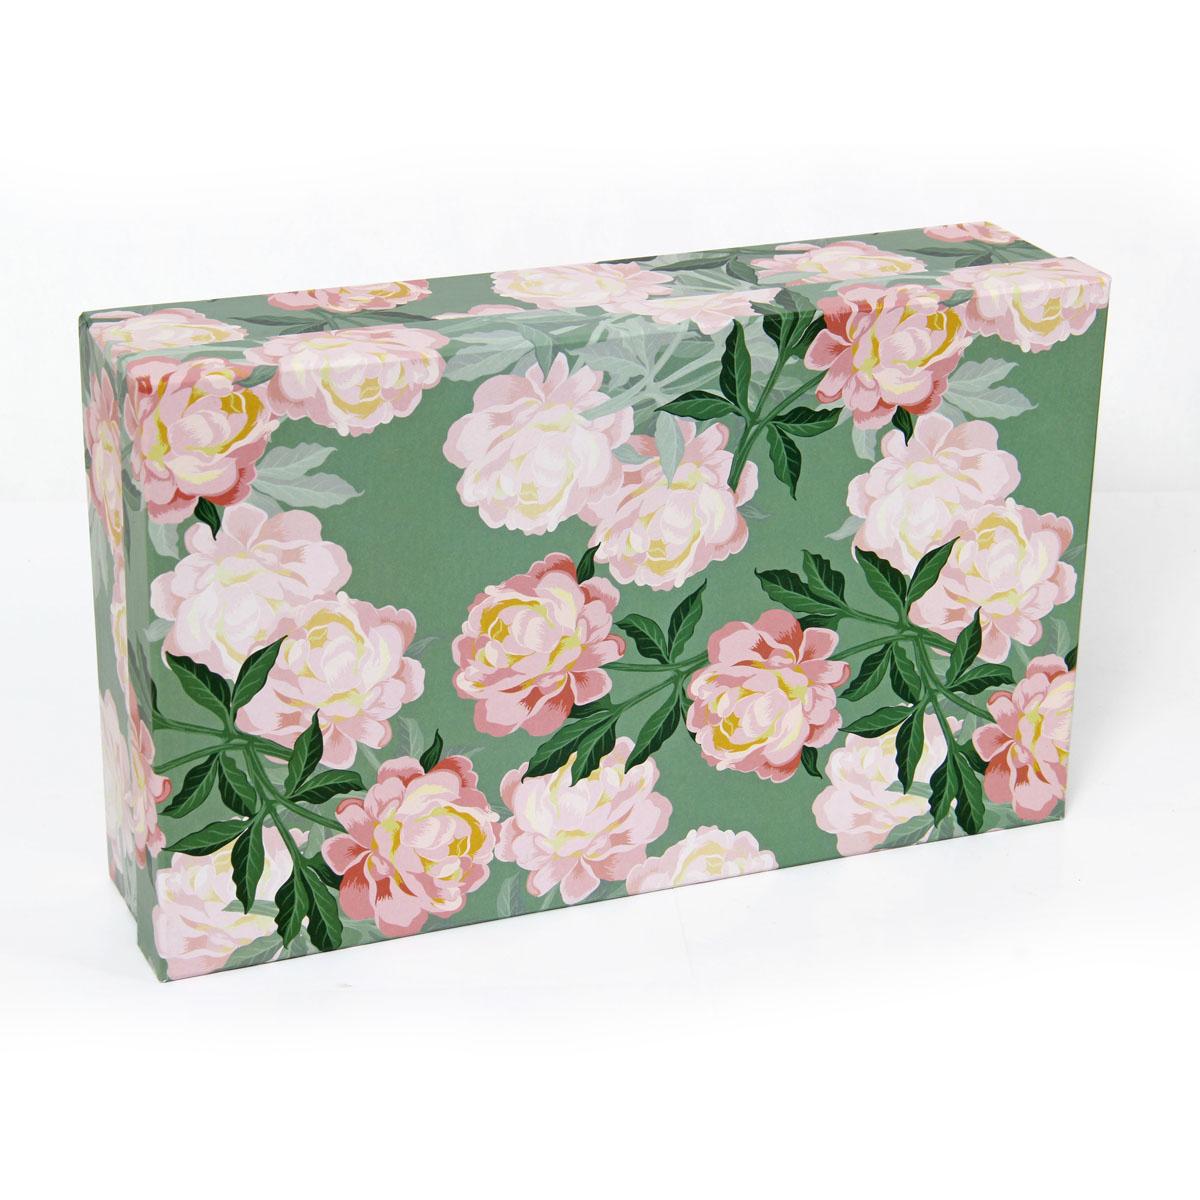 Набор подарочных коробок Veld-Co Ароматные пионы, прямоугольные, 5 шт набор подарочных коробок veld co цветочная абстракция кубы 3 шт 53452